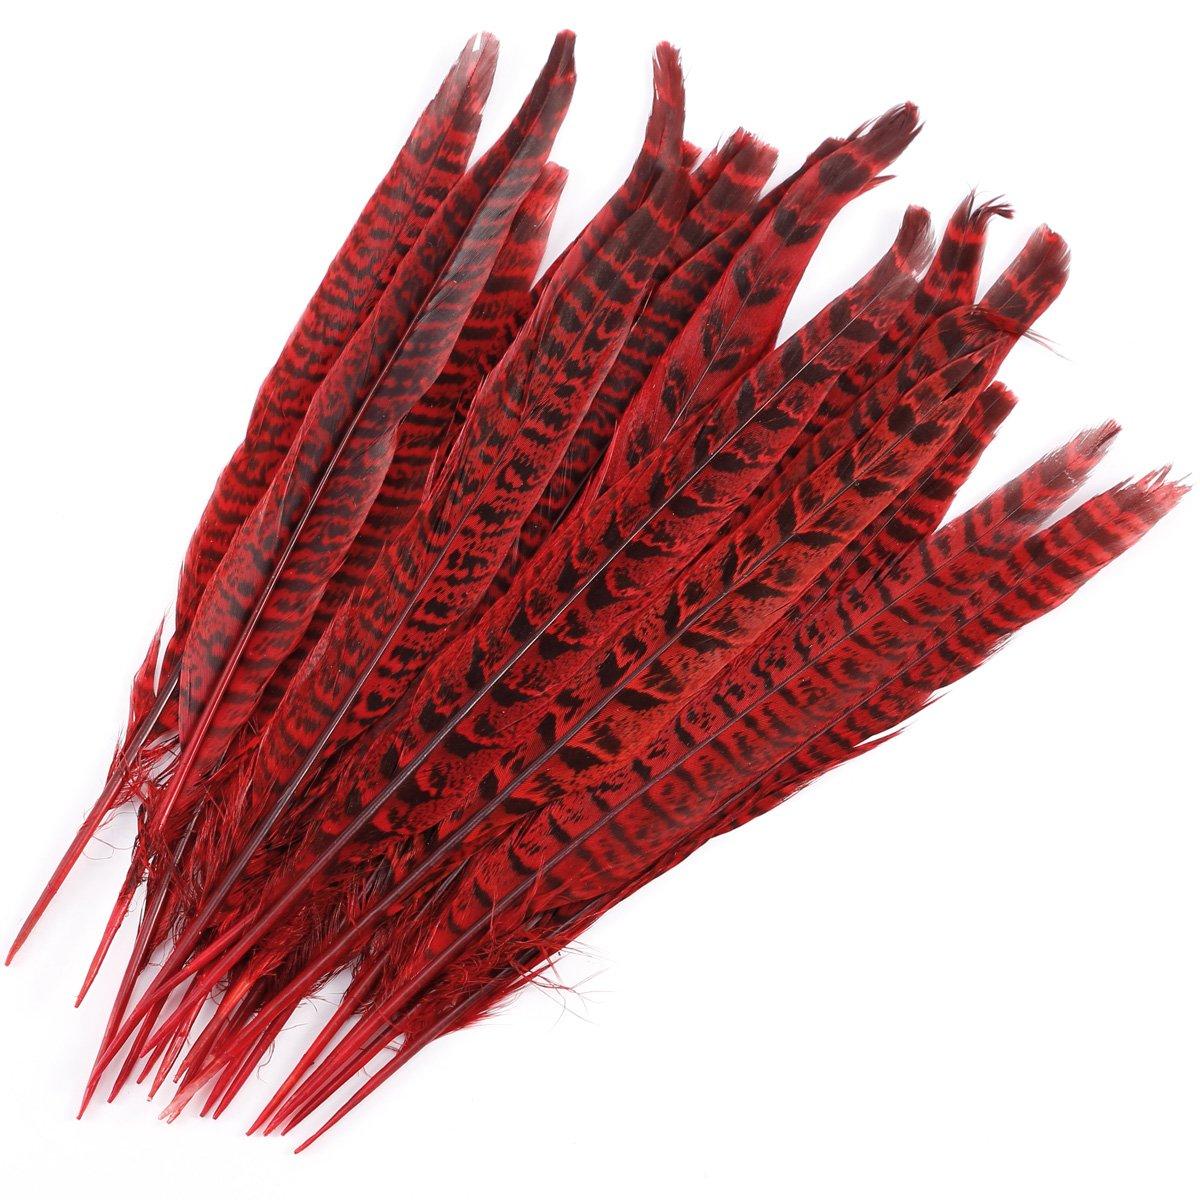 CLE DE TOUS - Pluma de Faisán (25-30cm) 20uds Pluma Natural para Labores Tocados Pelucas Sombrero Mascara Bolso Ropa Trajes de Fiesta Vestido Boda Canaval Halloween (Natural) Anladia